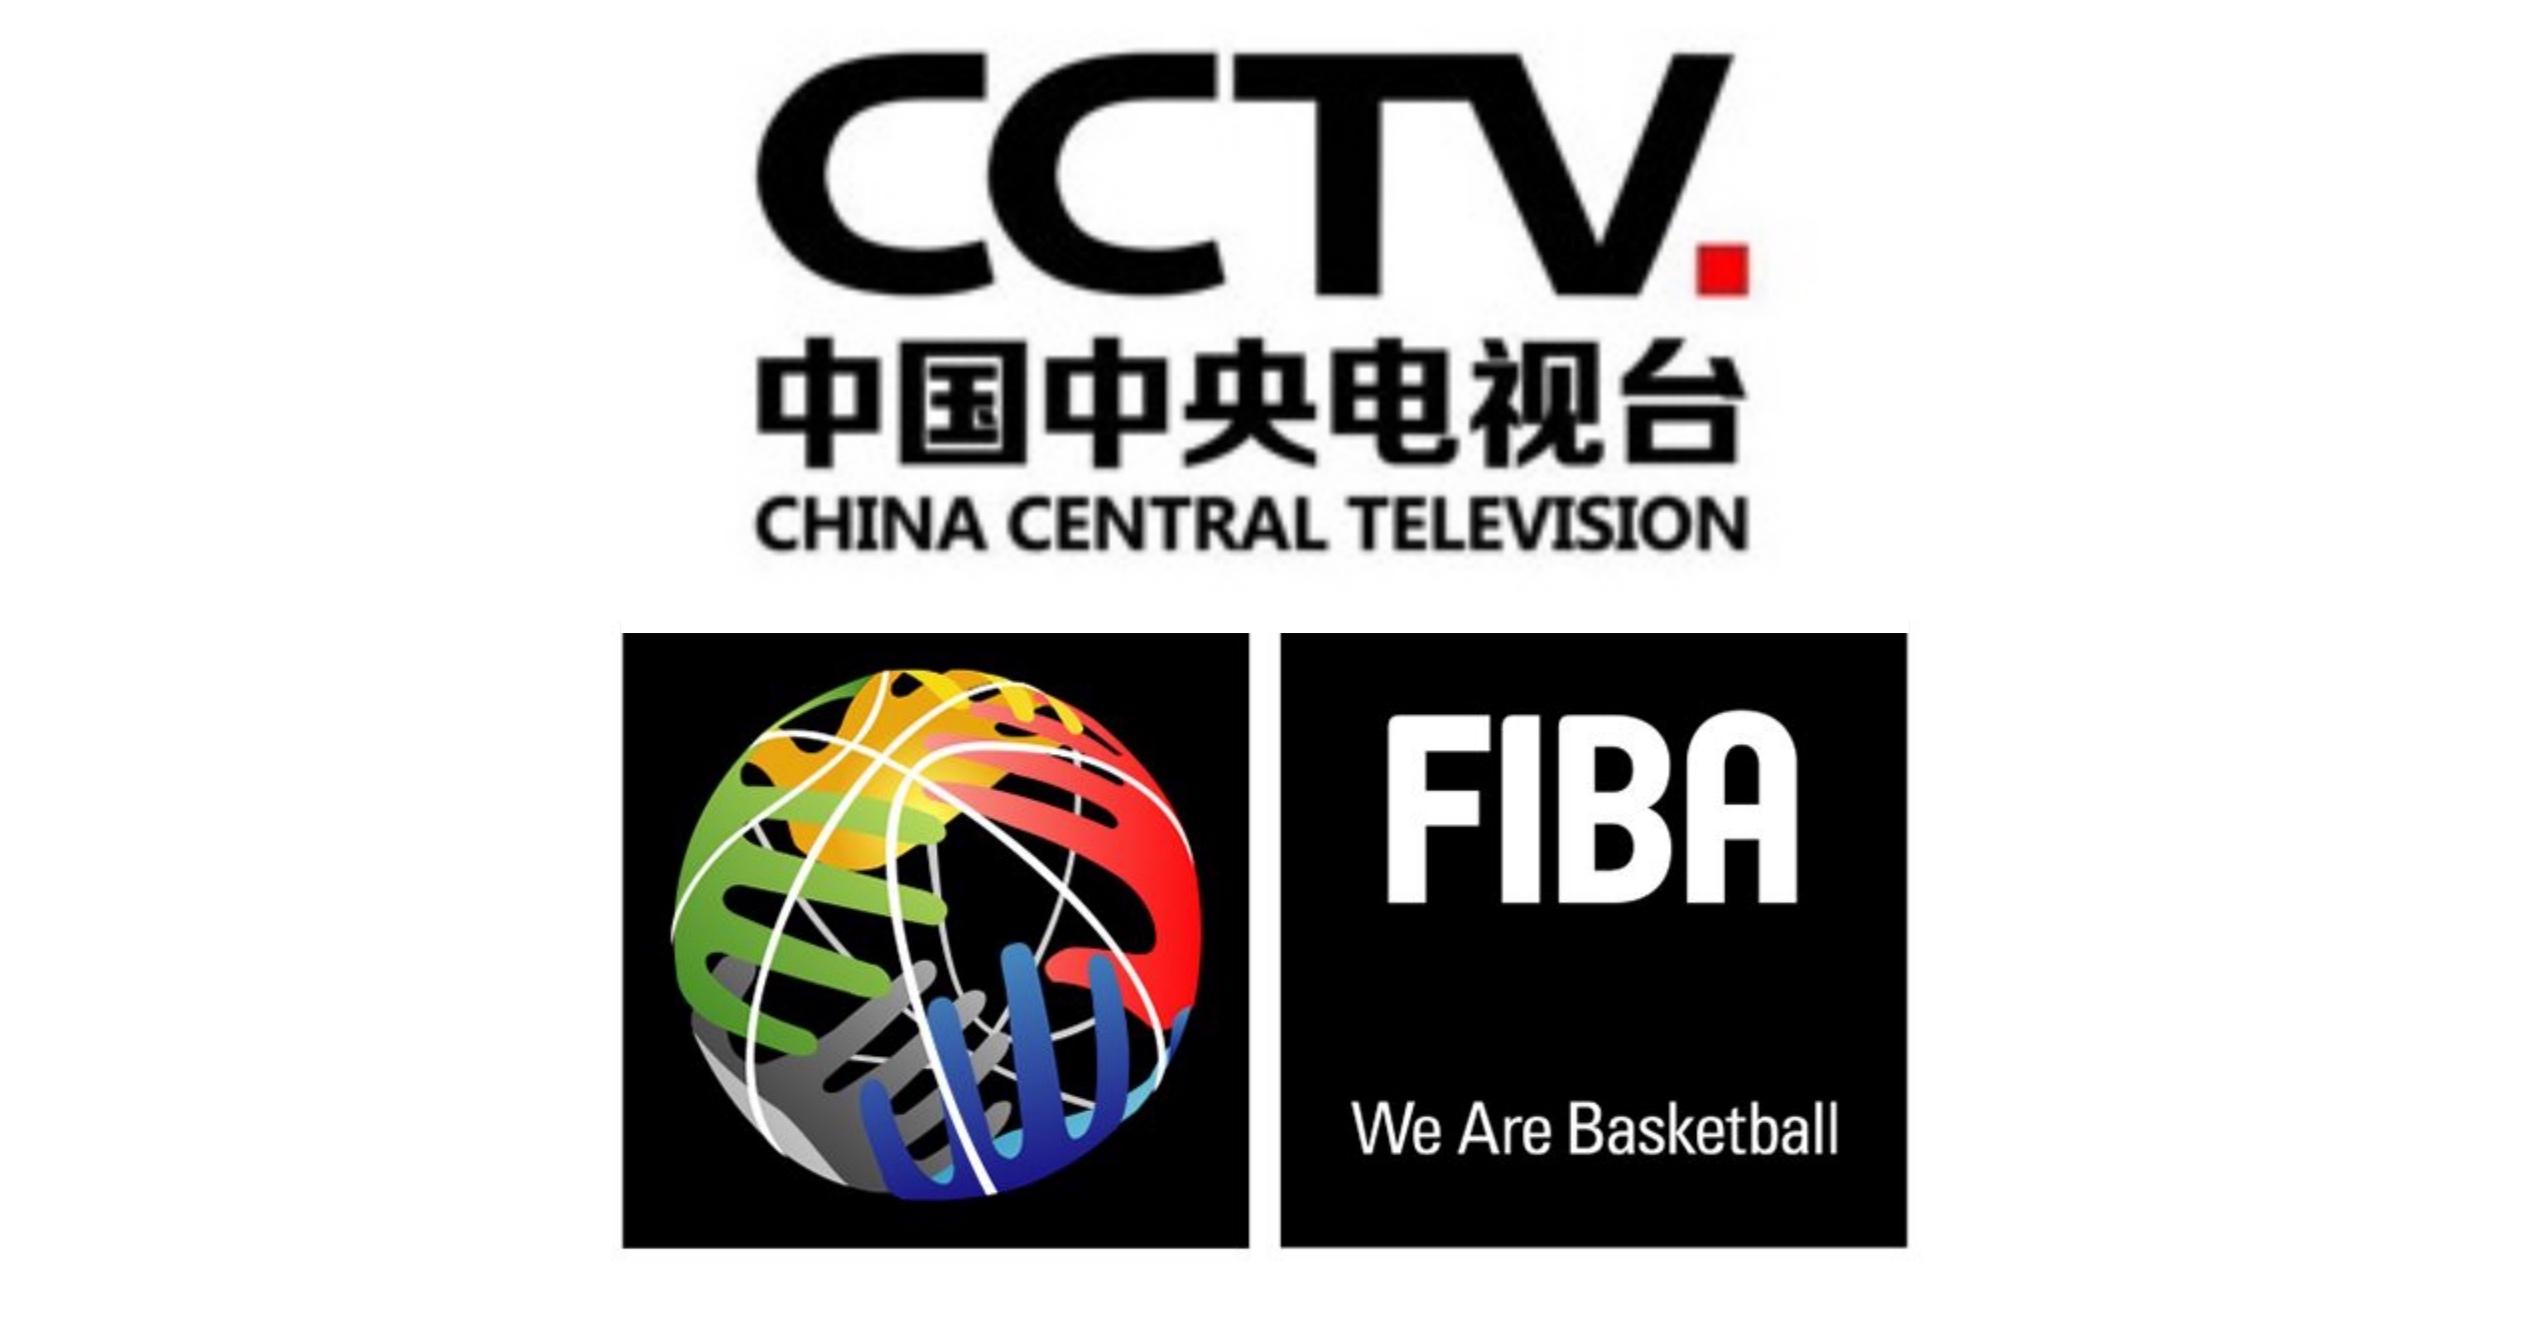 九年新约 中央电视台与fiba将继续保持长期合作